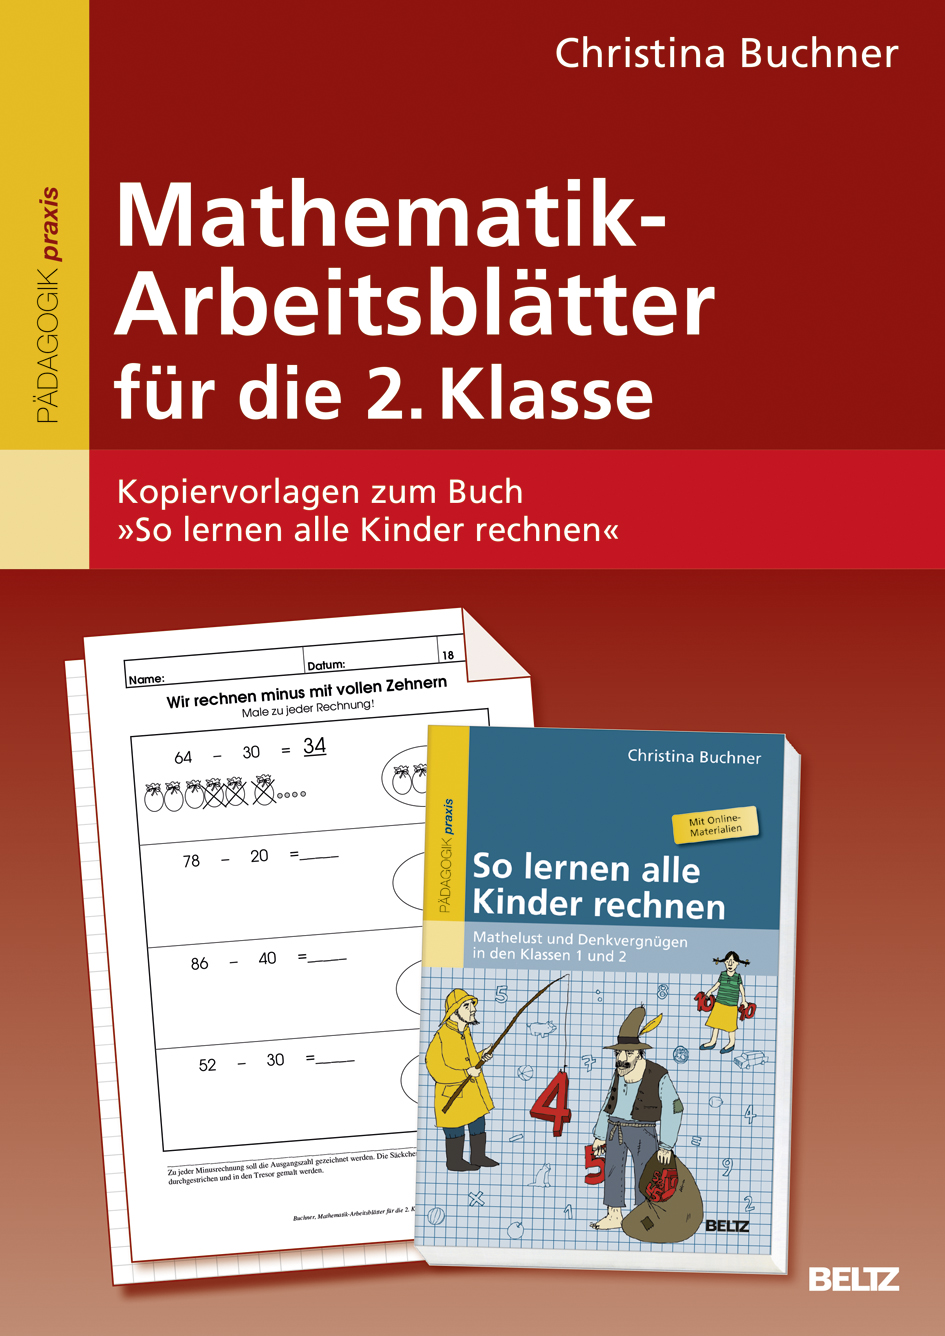 Mathematik-Arbeitsblätter für die 2. Klasse - Kopiervorlagen zum ...